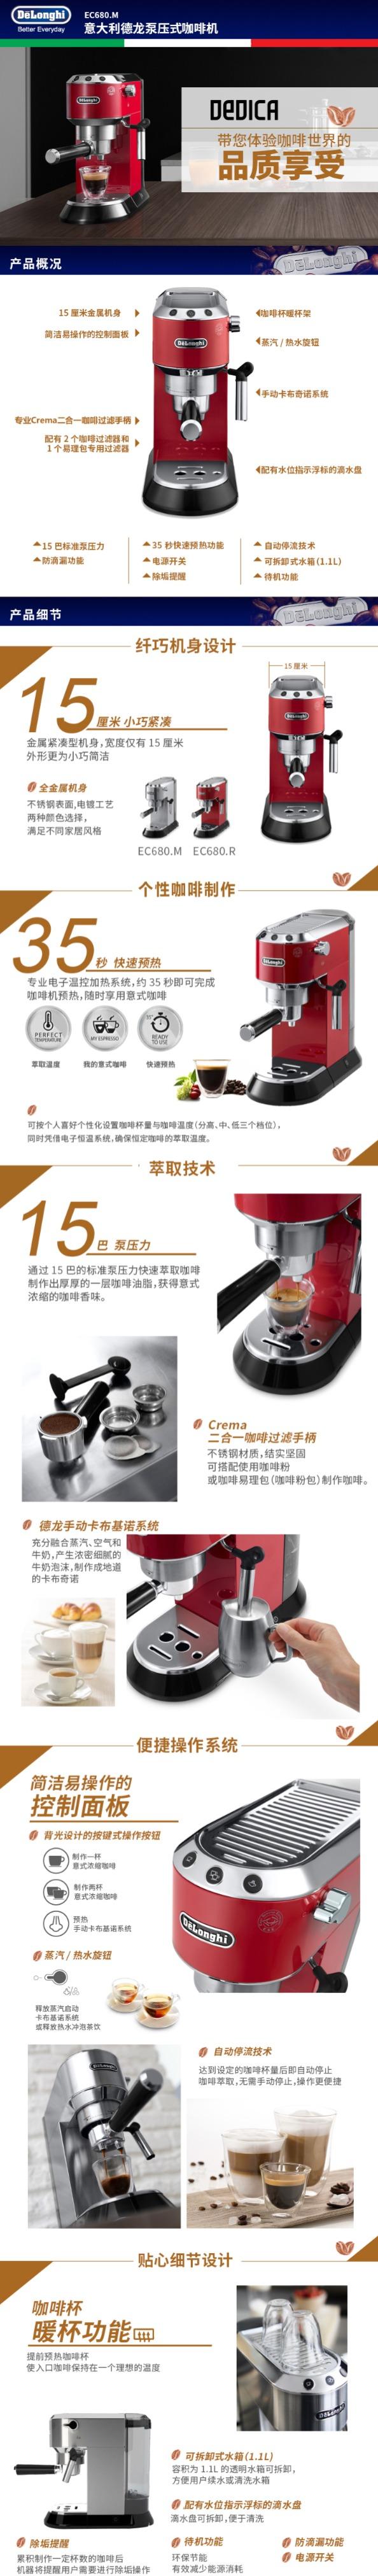 补货!DeLonghi 德龙 EC680 Dedica 超薄机身 泵压式咖啡机6.5折 249.98加元包邮!